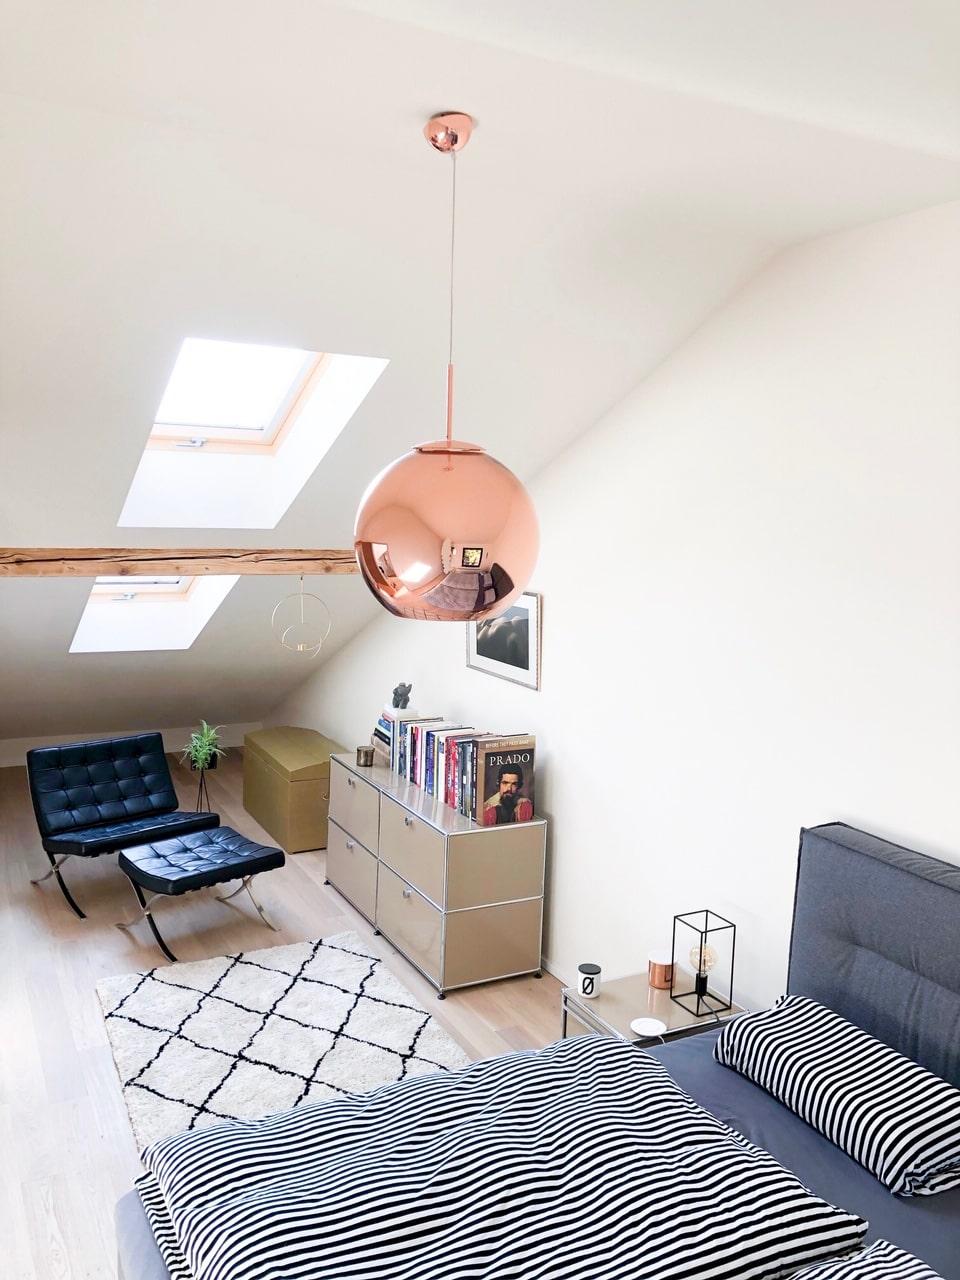 Schlafzimmer  - Zu Hause bei Steffi - Inspirationen und Wohnideen in der Homestory bei DESMONDO